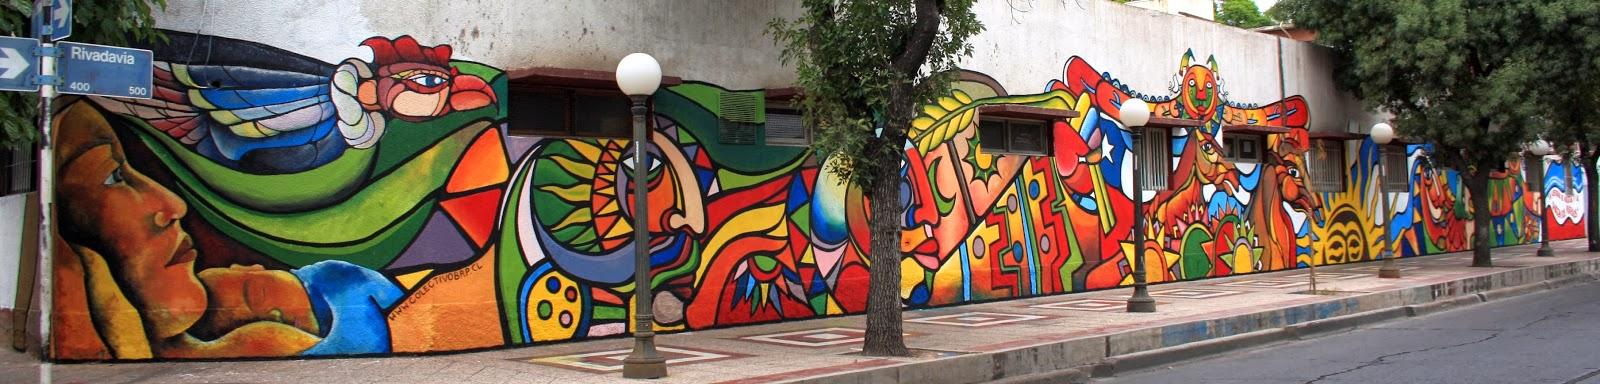 Murales del cono sur godoy cruz un epicentro del for Arte colectivo mural